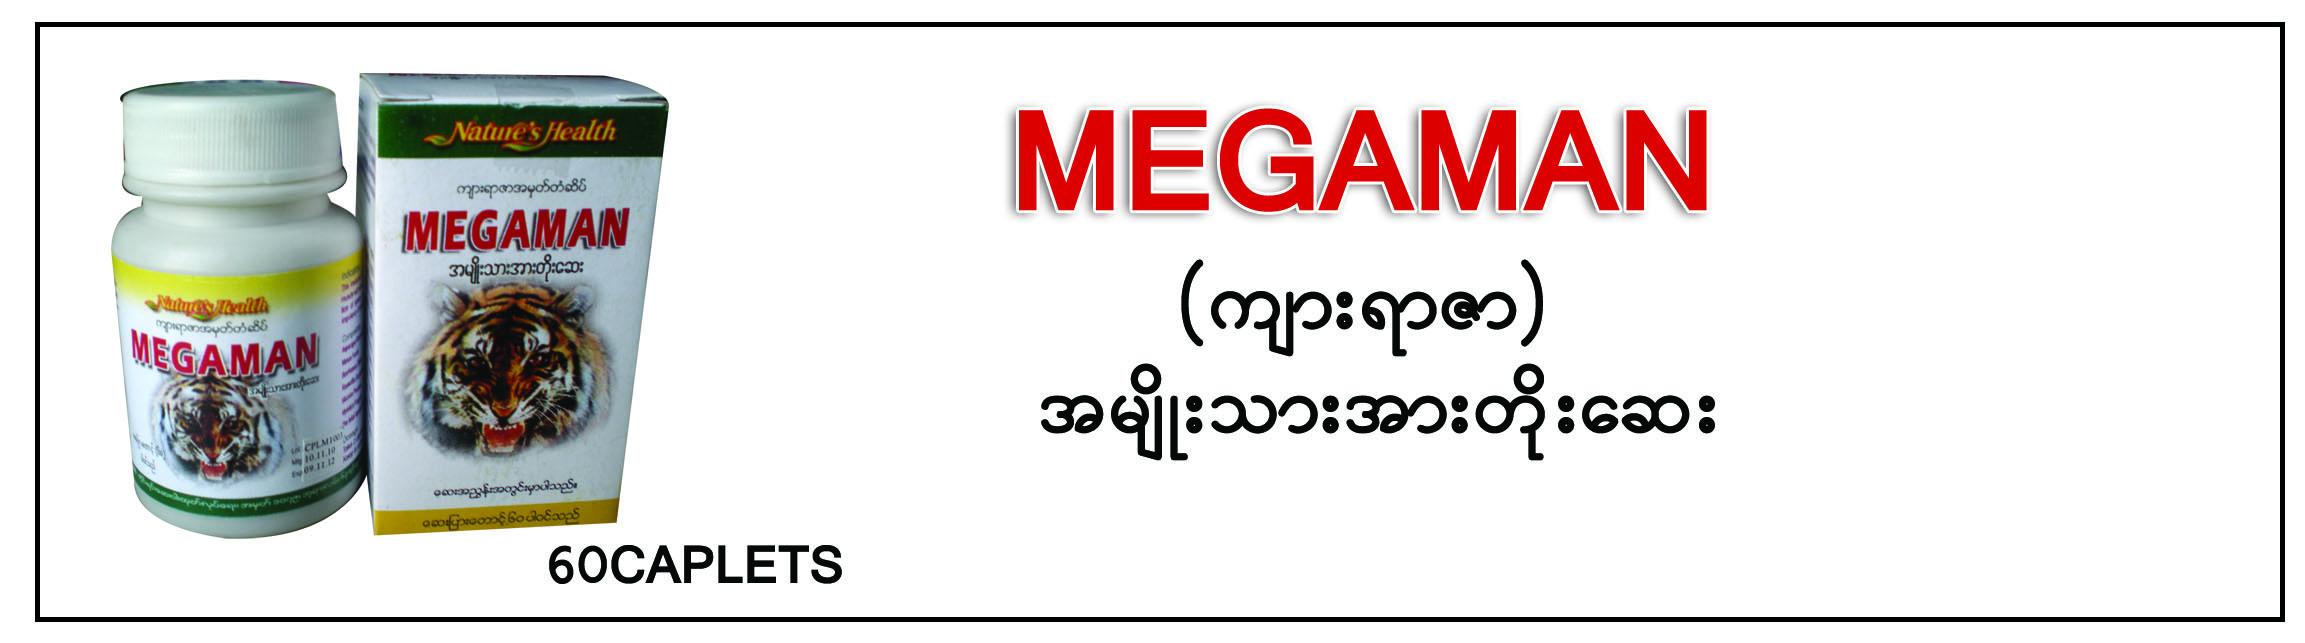 Megaman Tablet